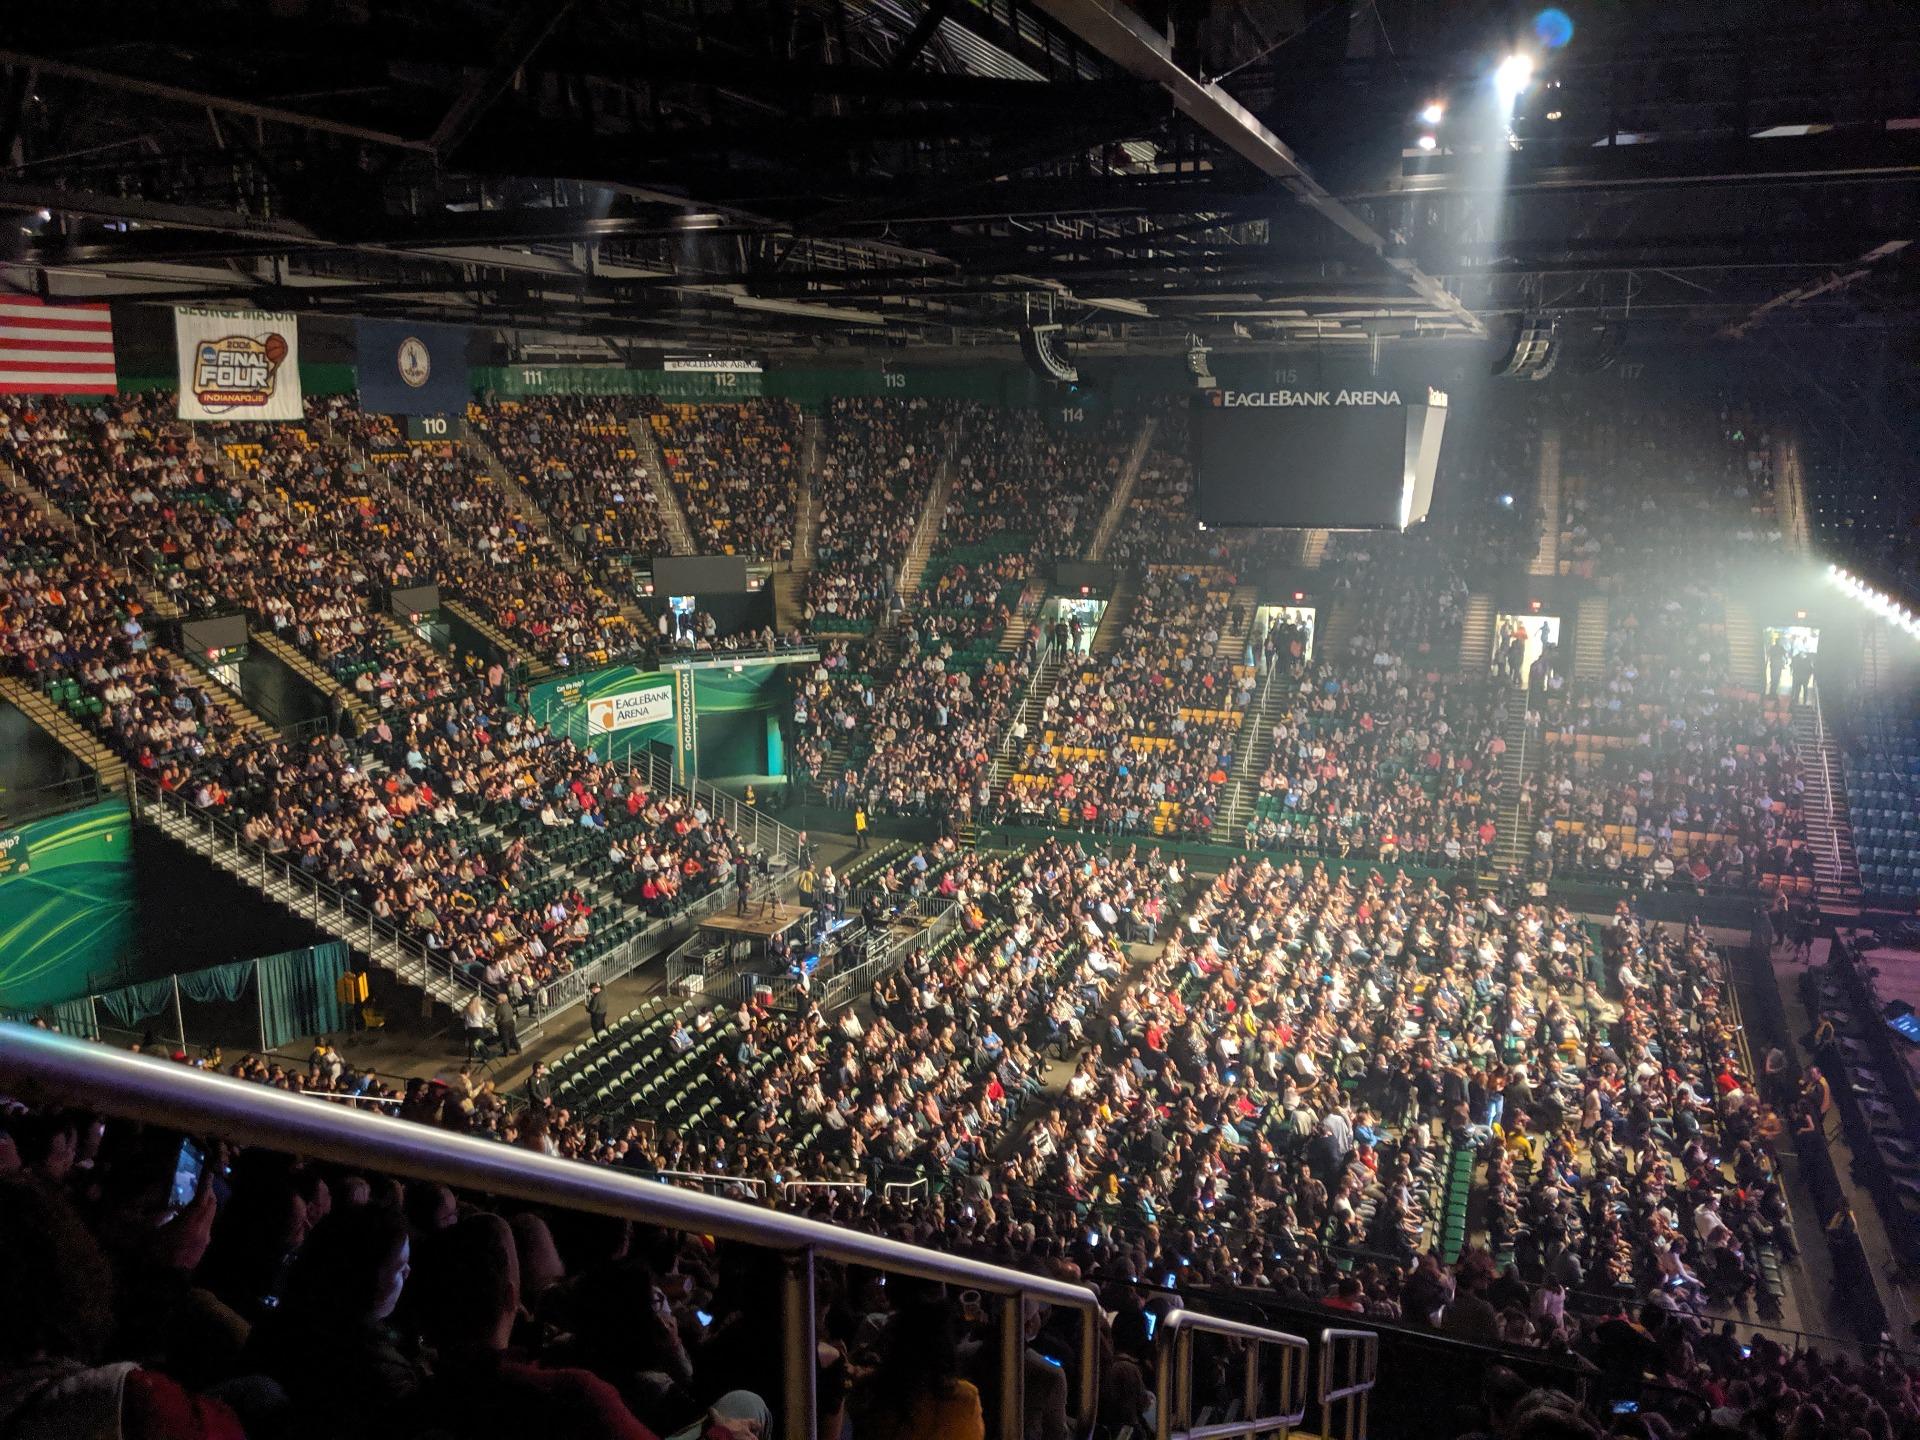 EagleBank Arena Section 130